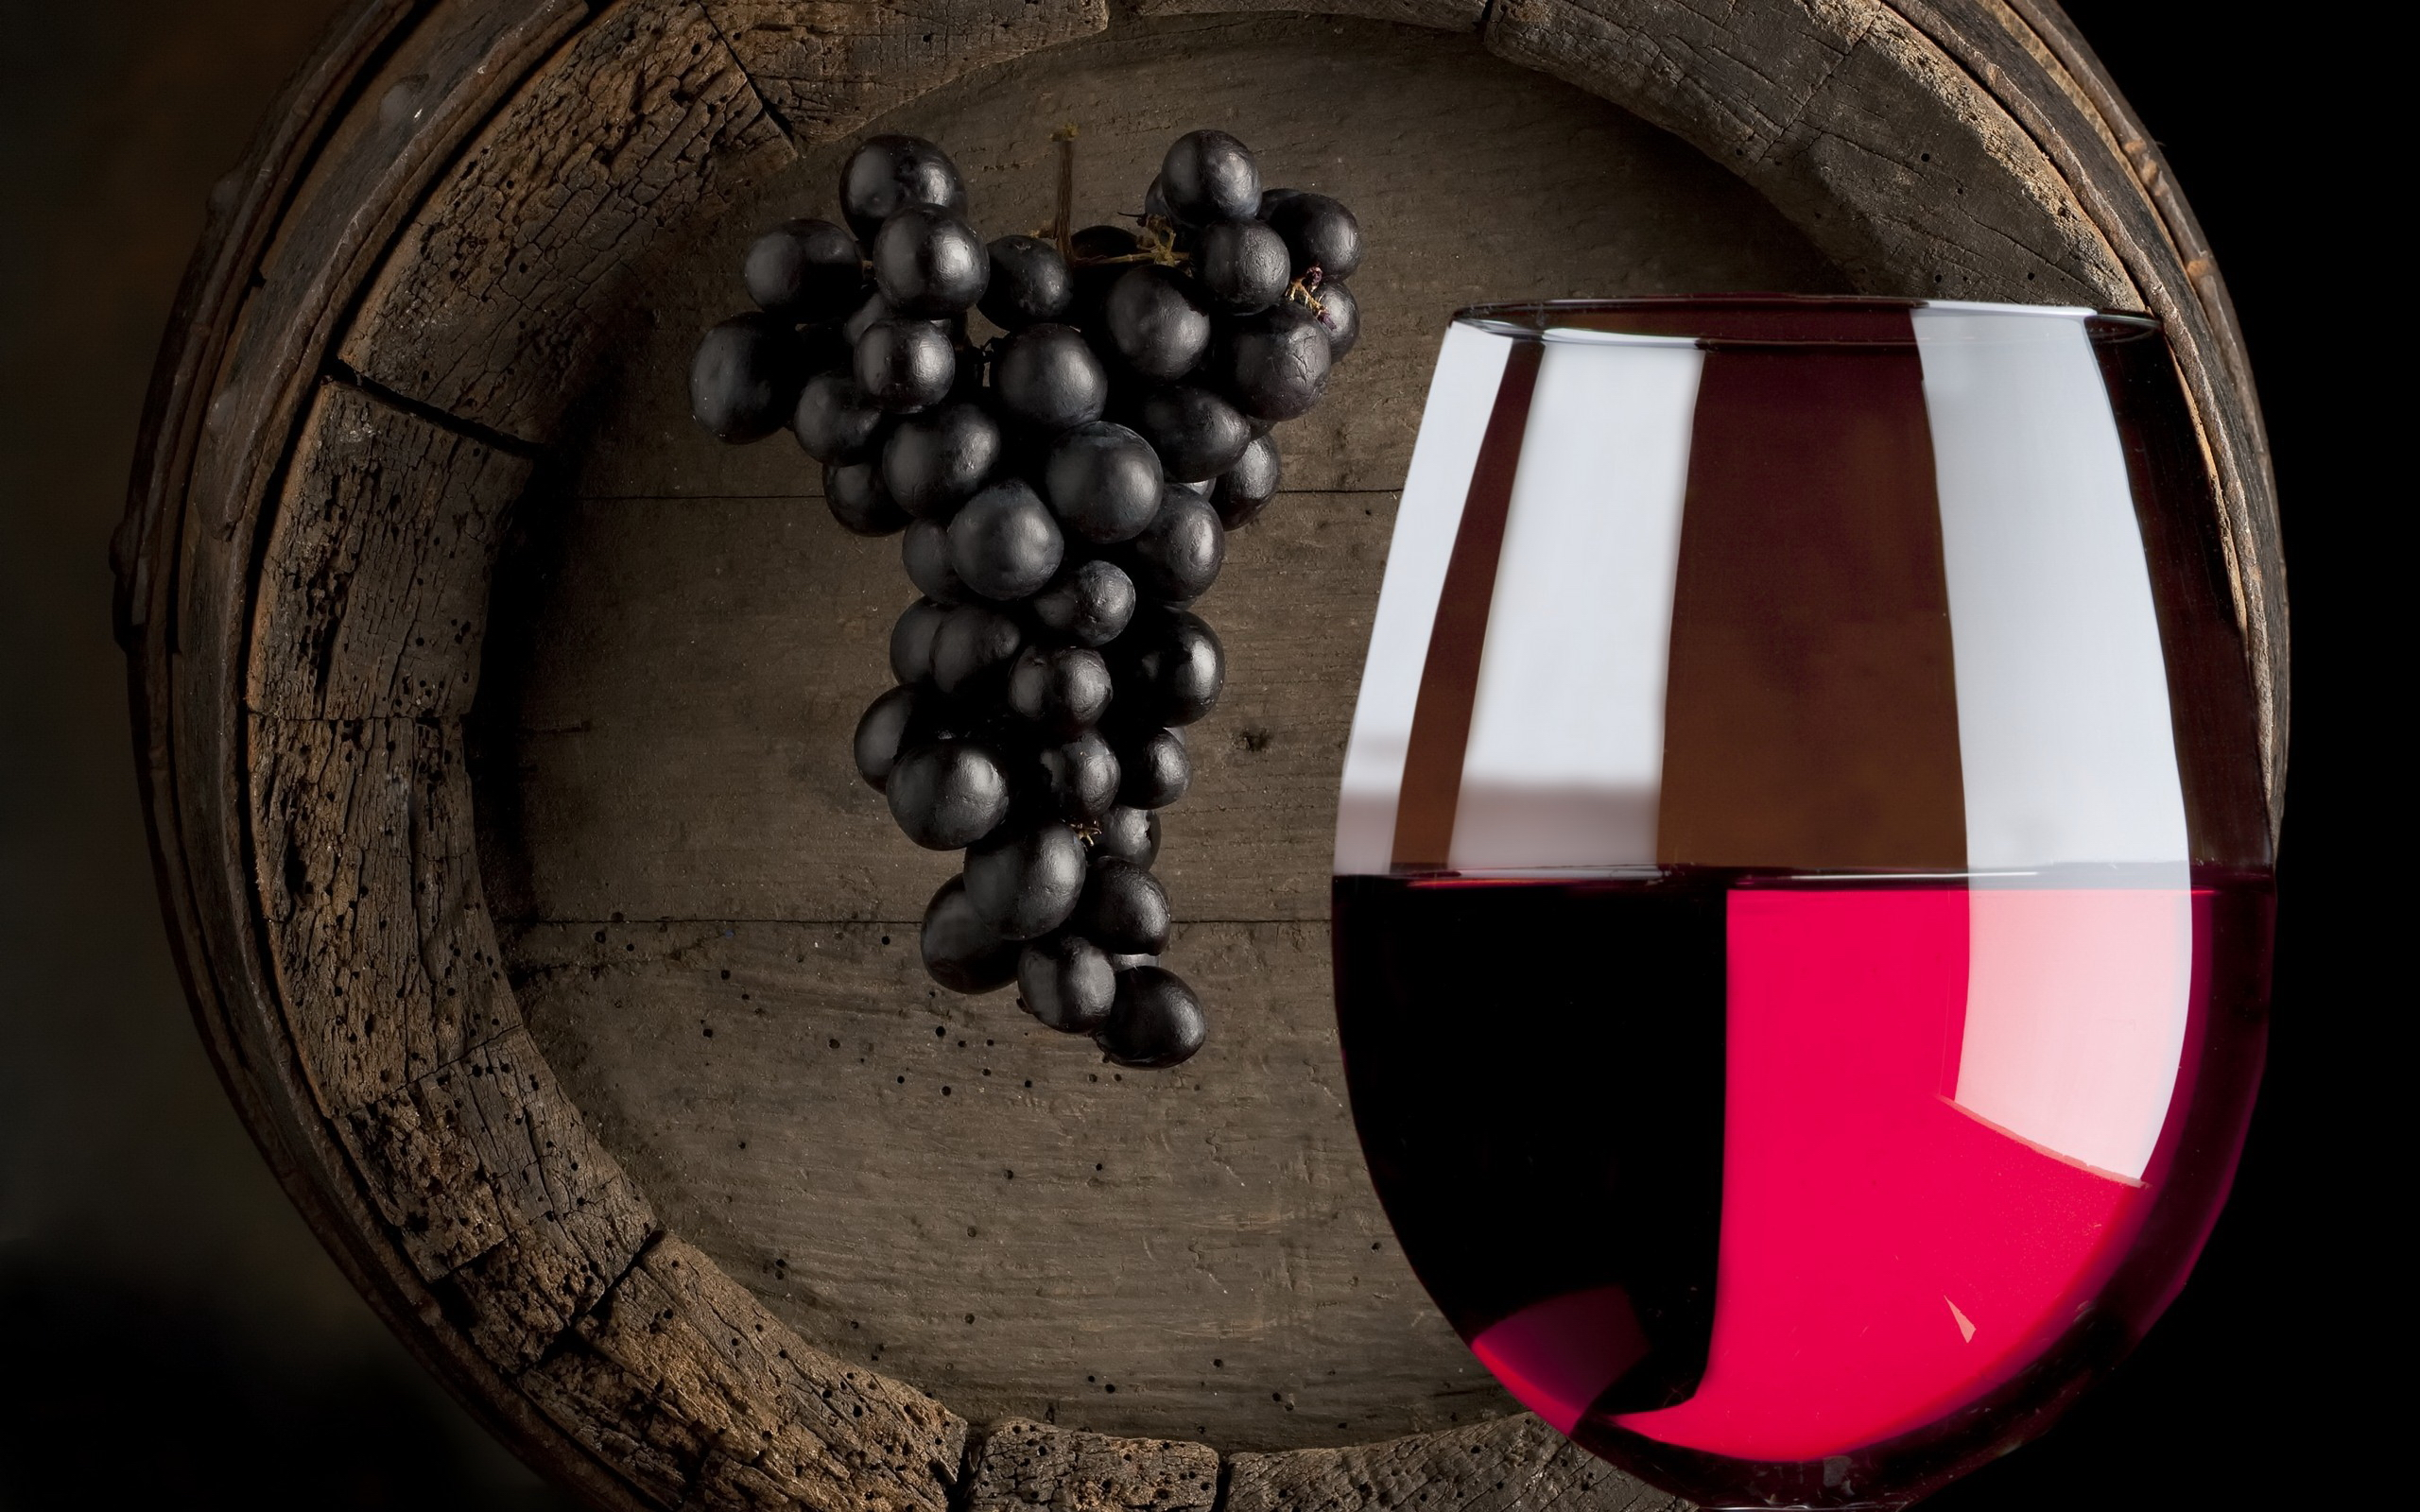 Красивые картинки с вином и бокалами